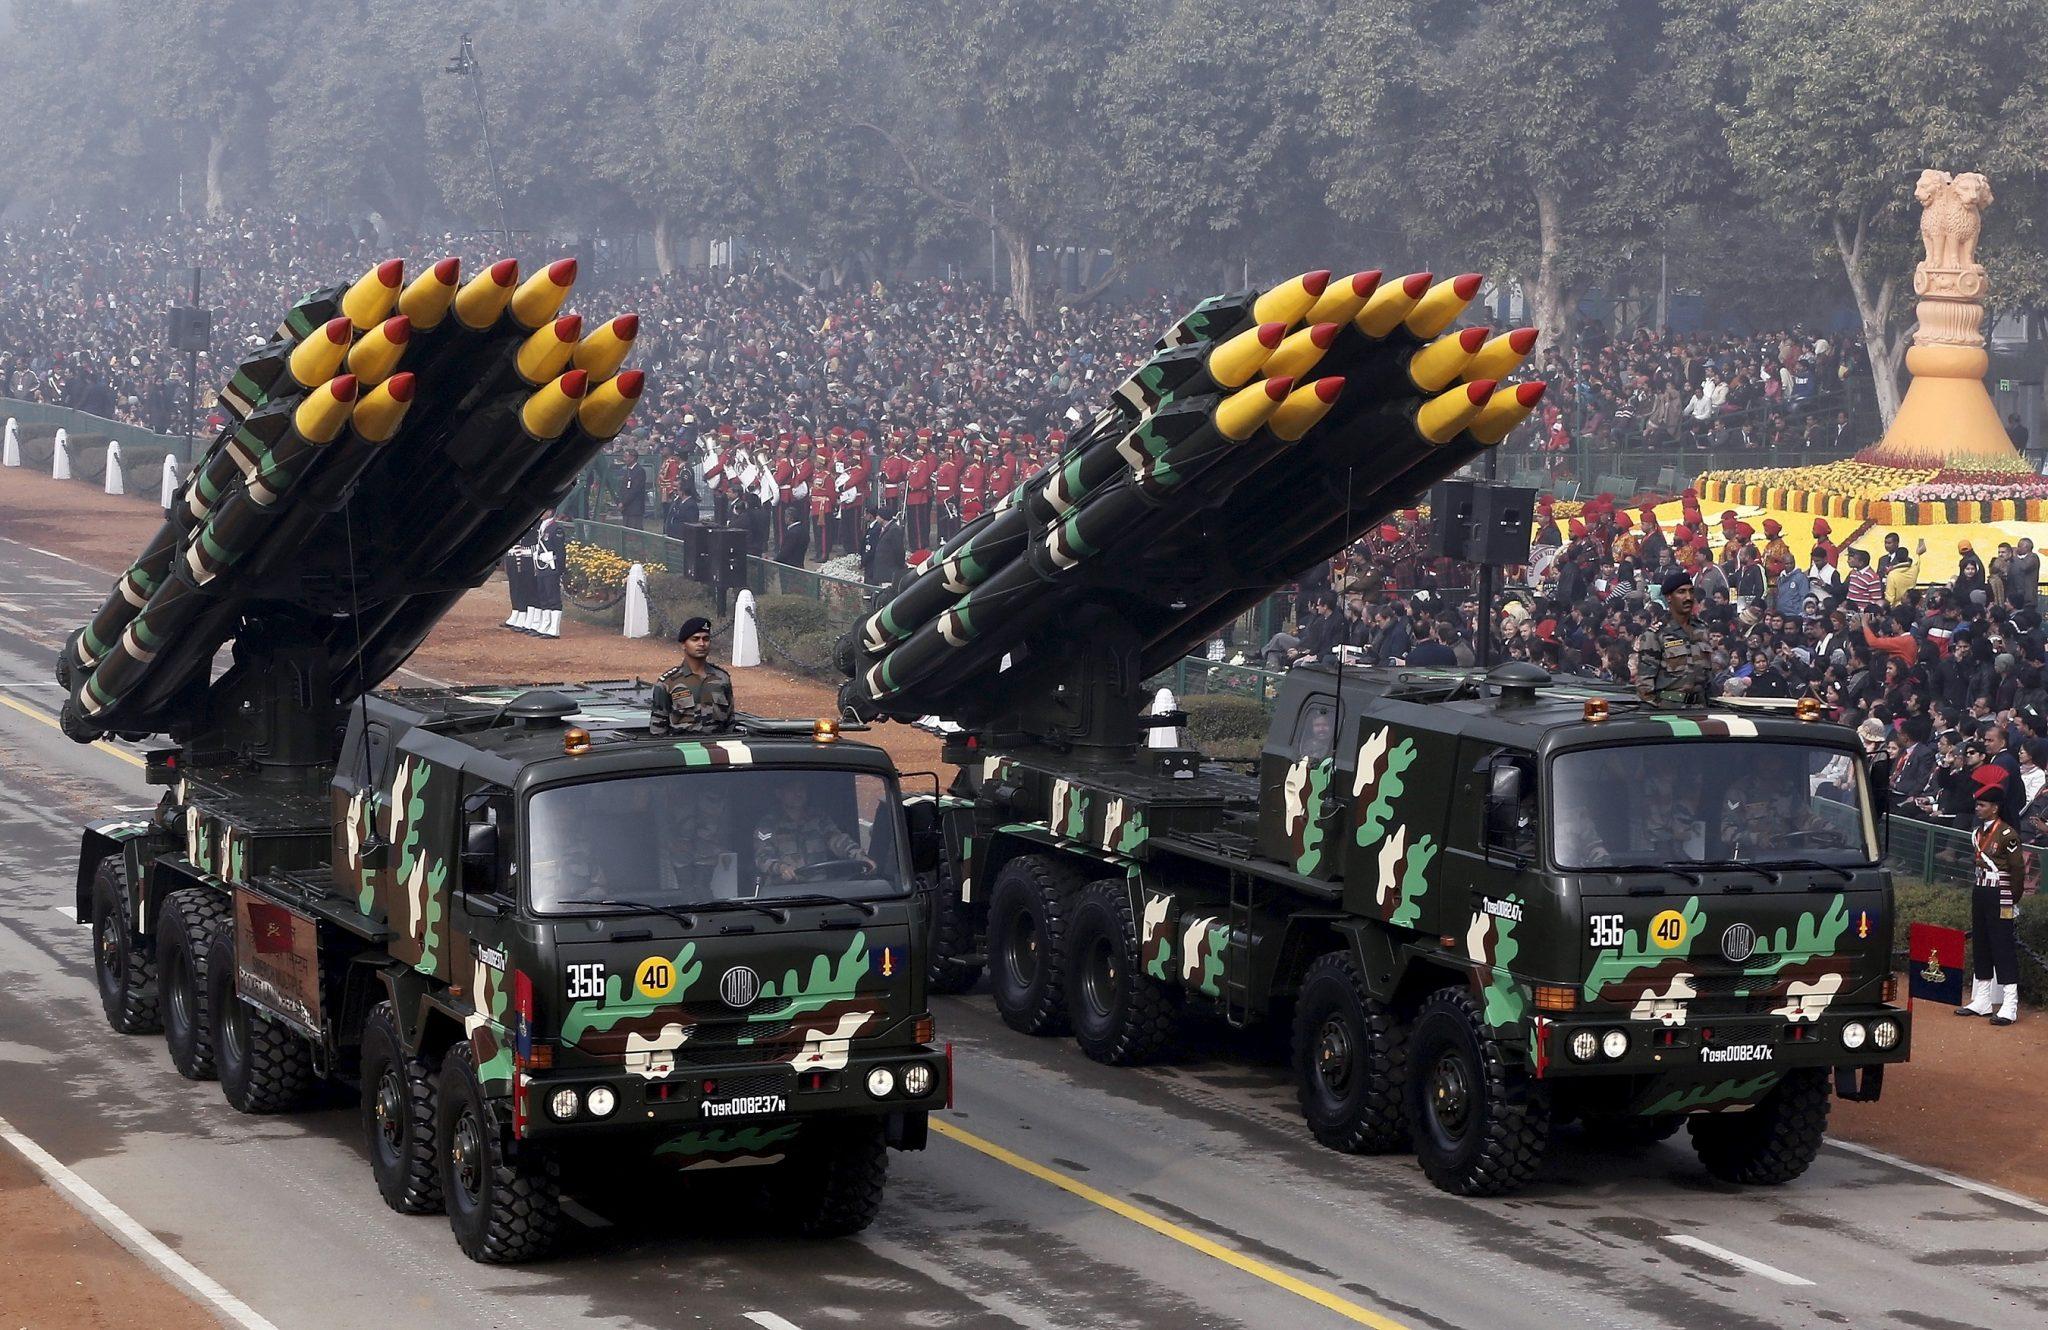 صورة تركيا تتحالف مع الدولة الإسلامية الوحيدة المالكة للسلاح النووي